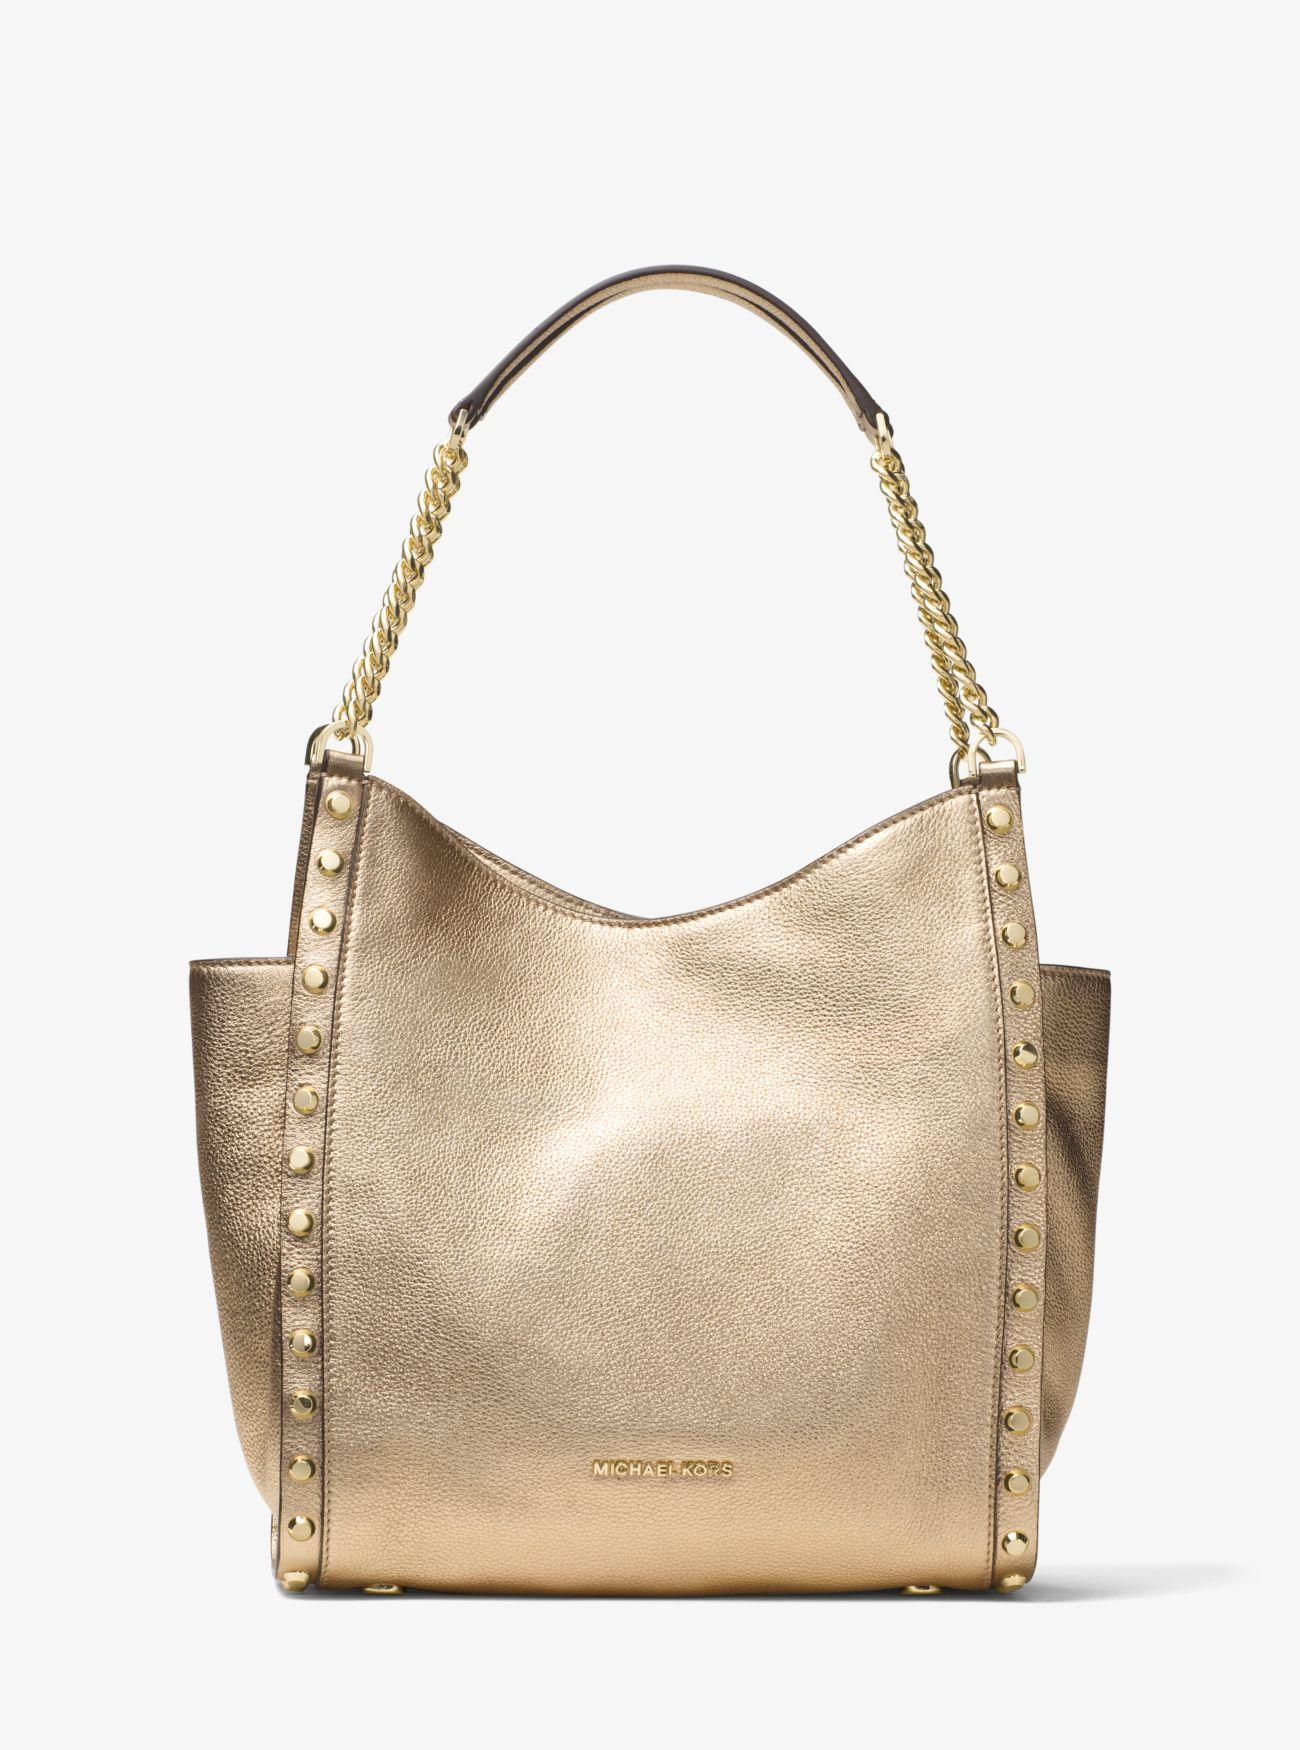 03682206d565c0 Michael Kors Newbury Medium Metallic Pebbled Leather Tote Bag in ...